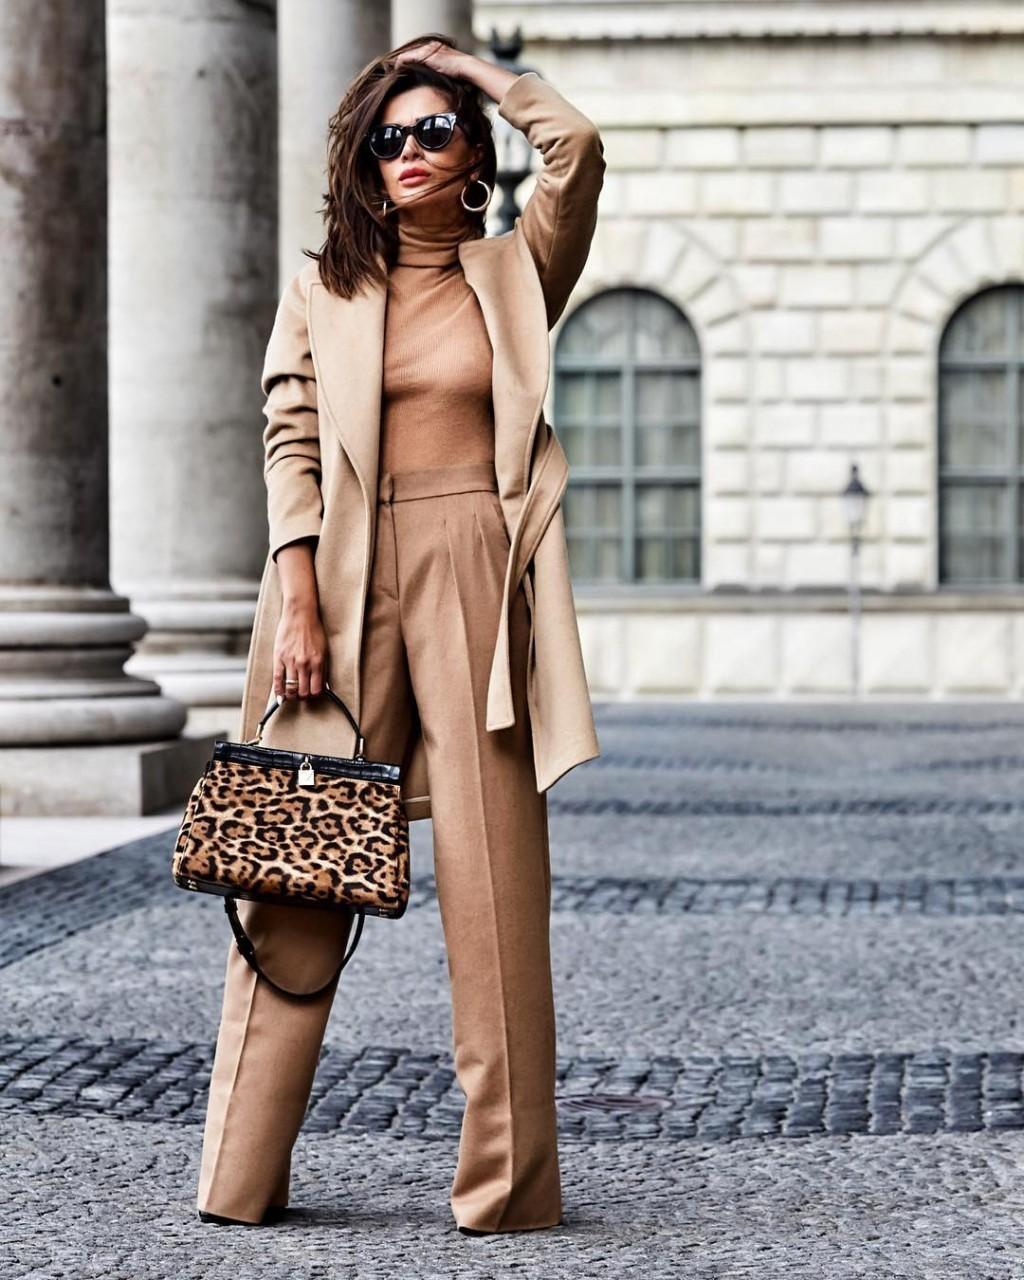 угольном разрезе модный коричневый оттенок в фотографии организованное пространство